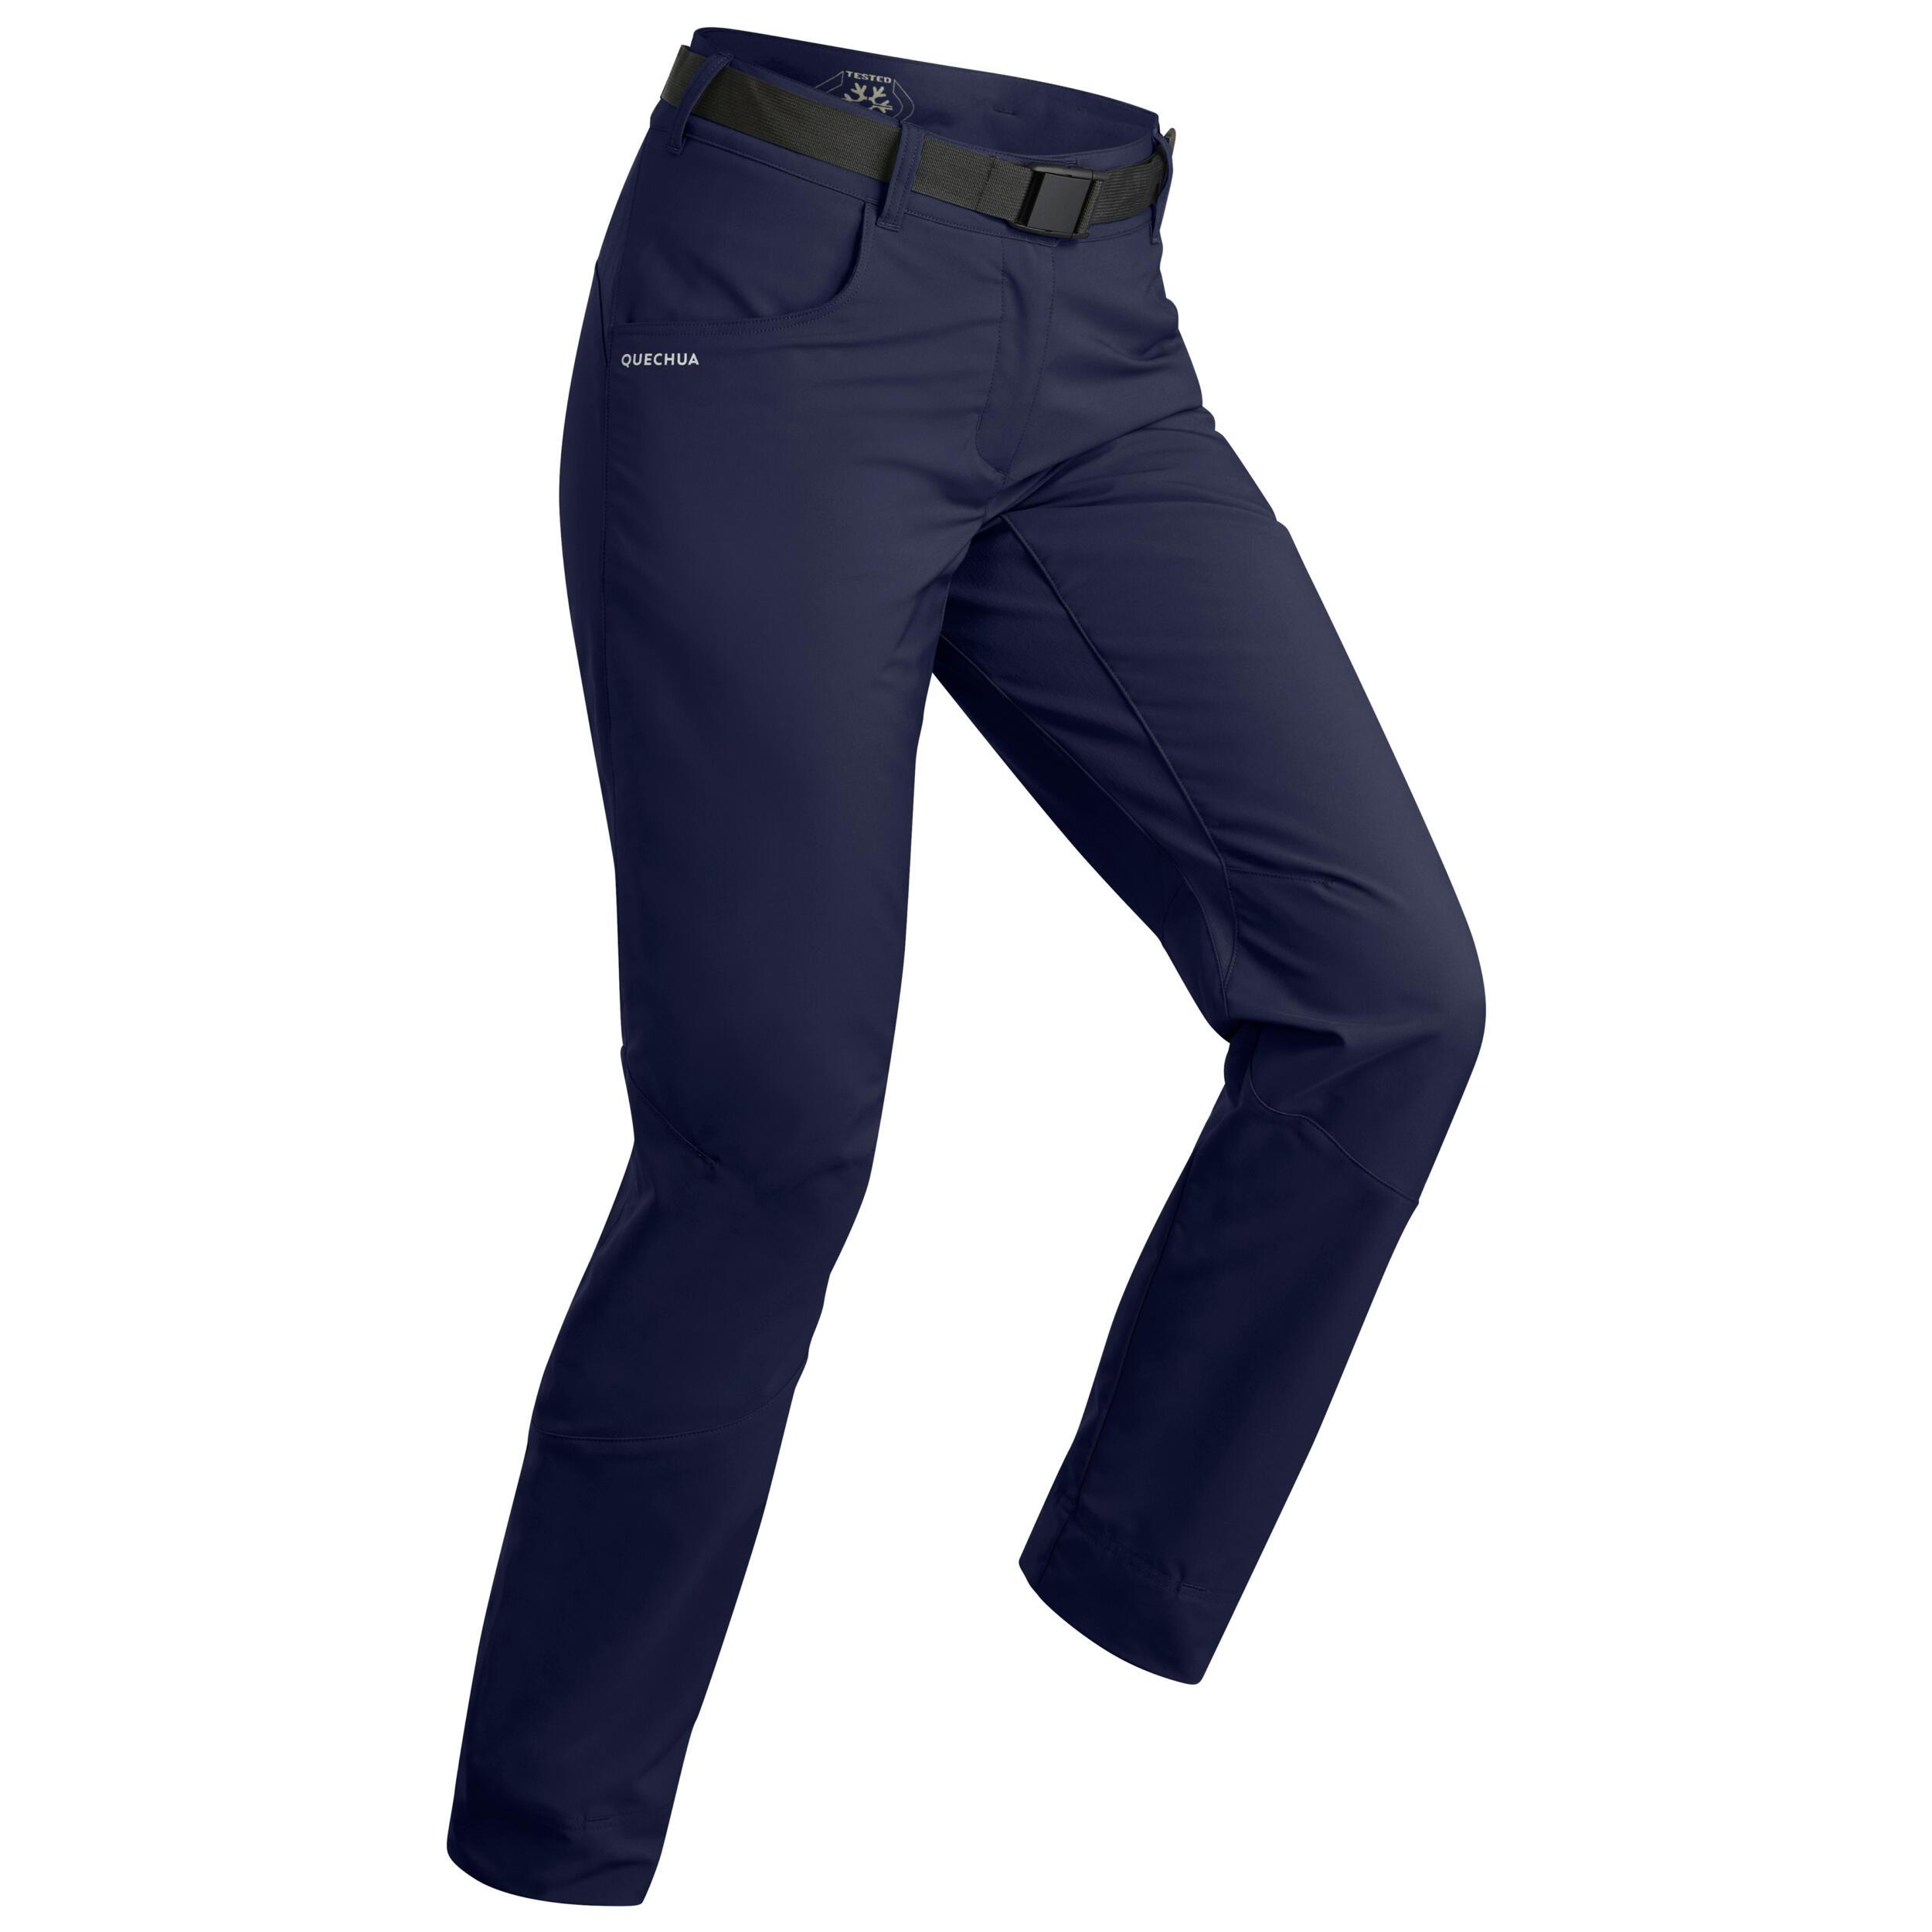 Pantalon SH100 X-WARM Damă